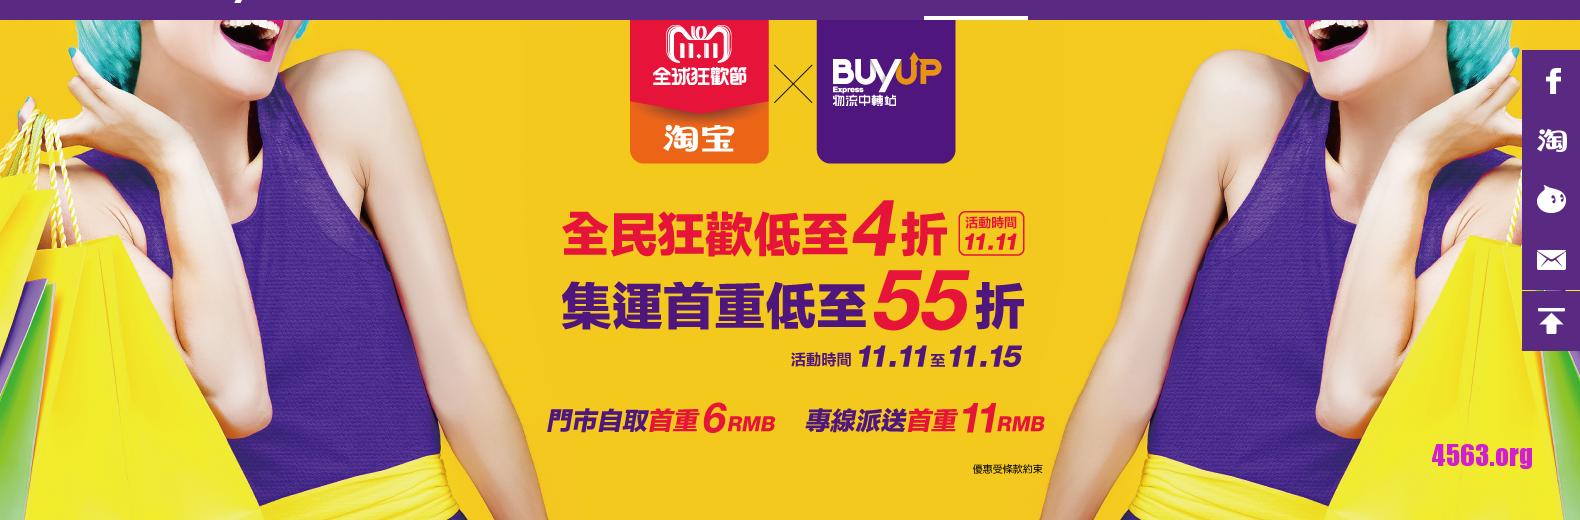 天貓 X BUYUP雙11集運貨物55折優惠